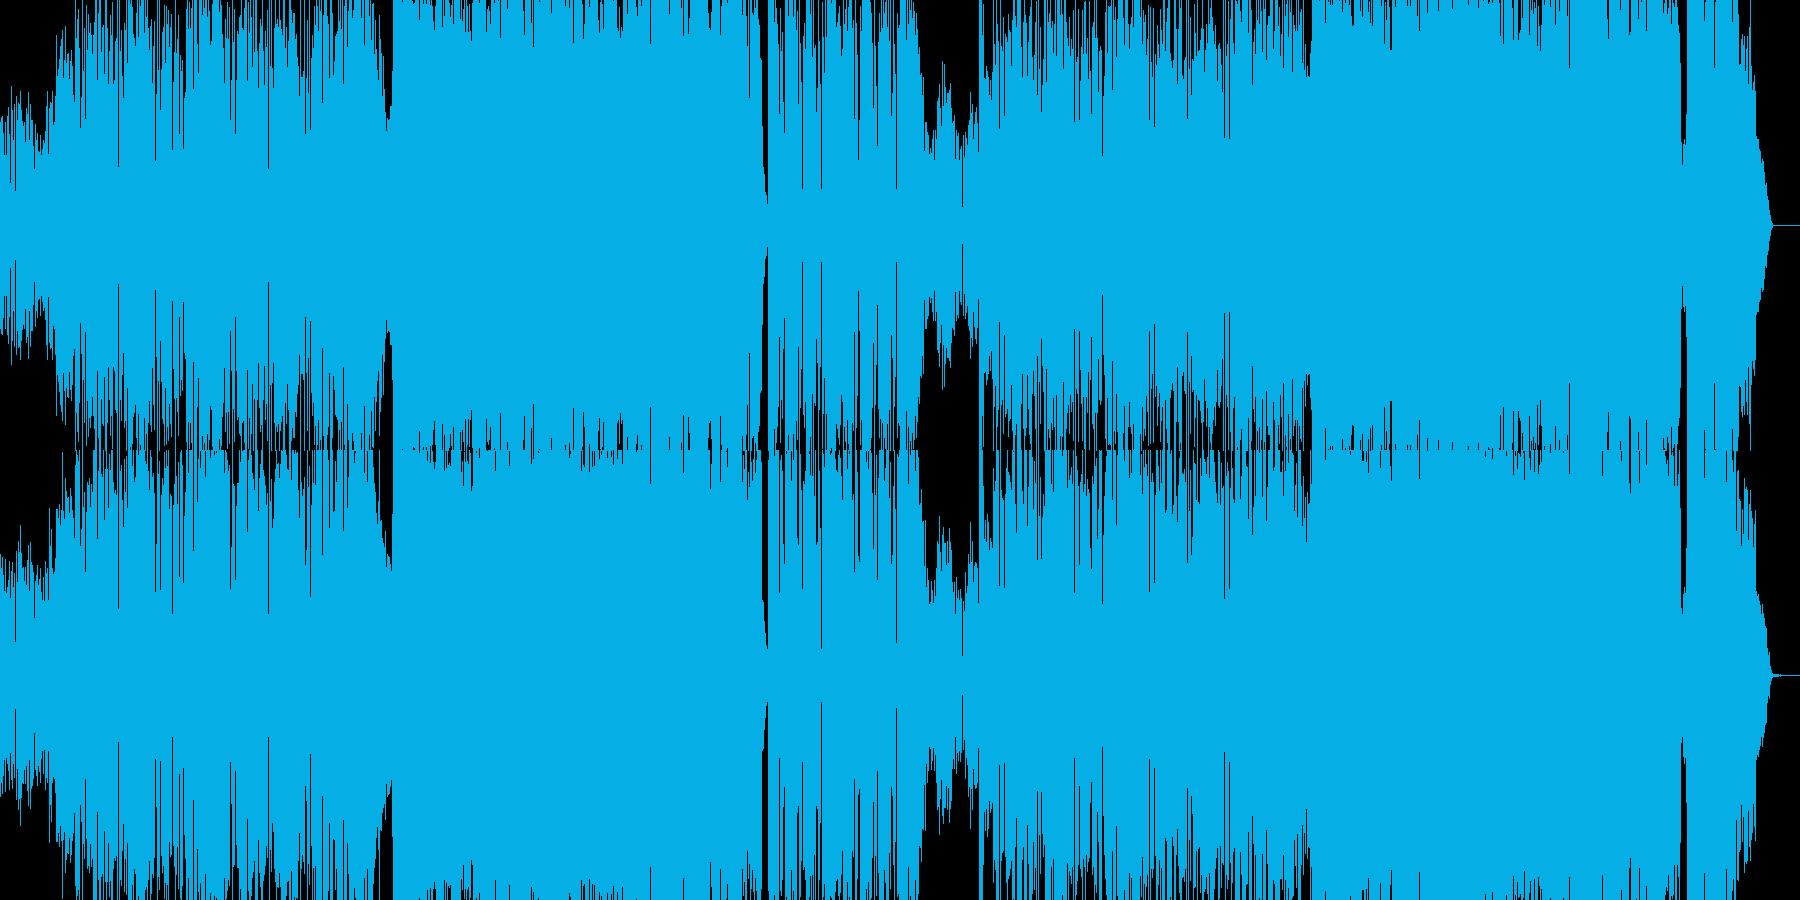 ギターロック メタル デスボイスの再生済みの波形